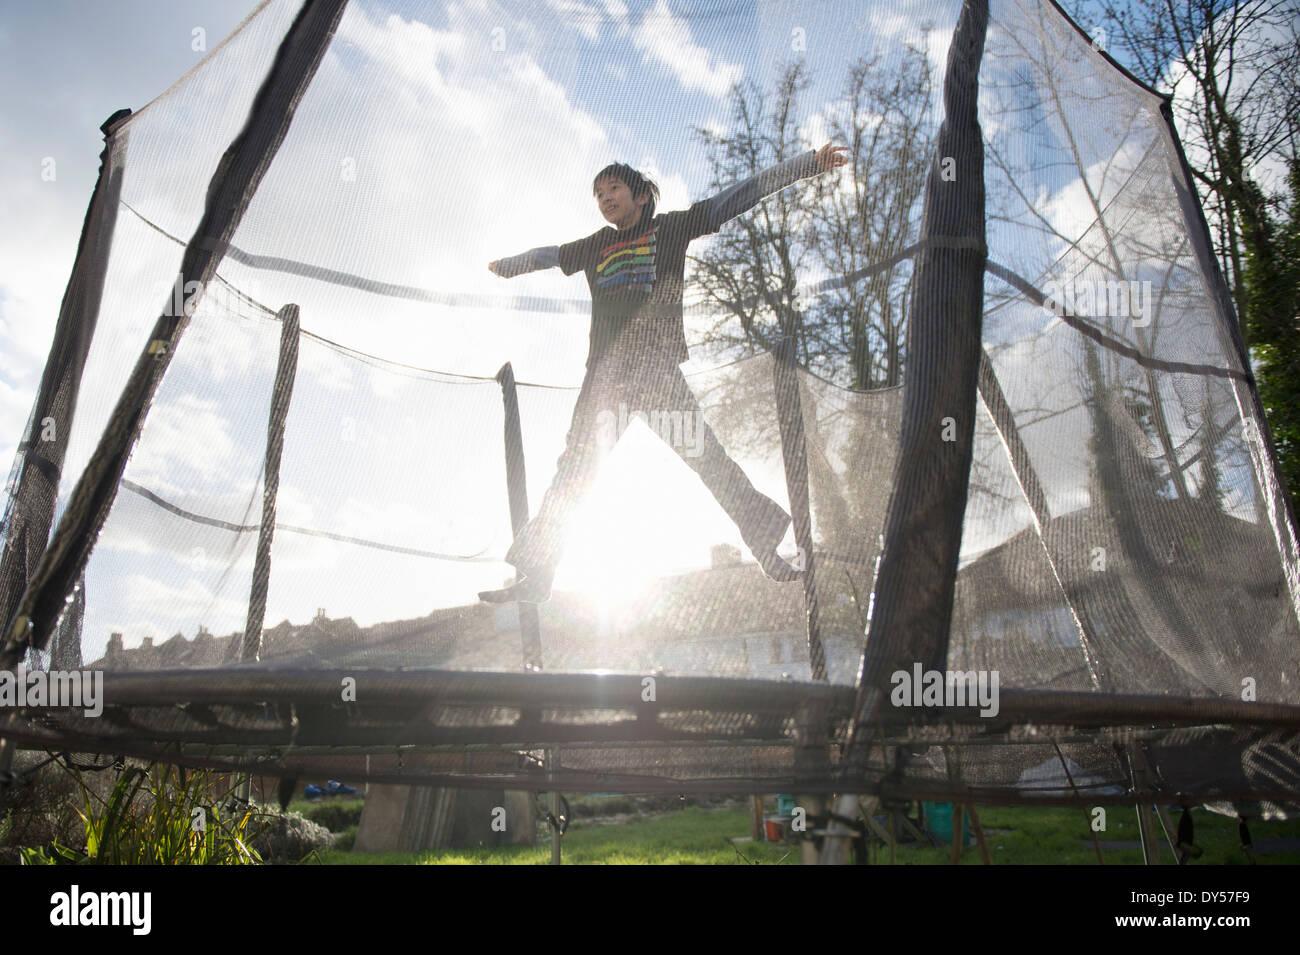 Chico saltando en trampolín de exterior Imagen De Stock